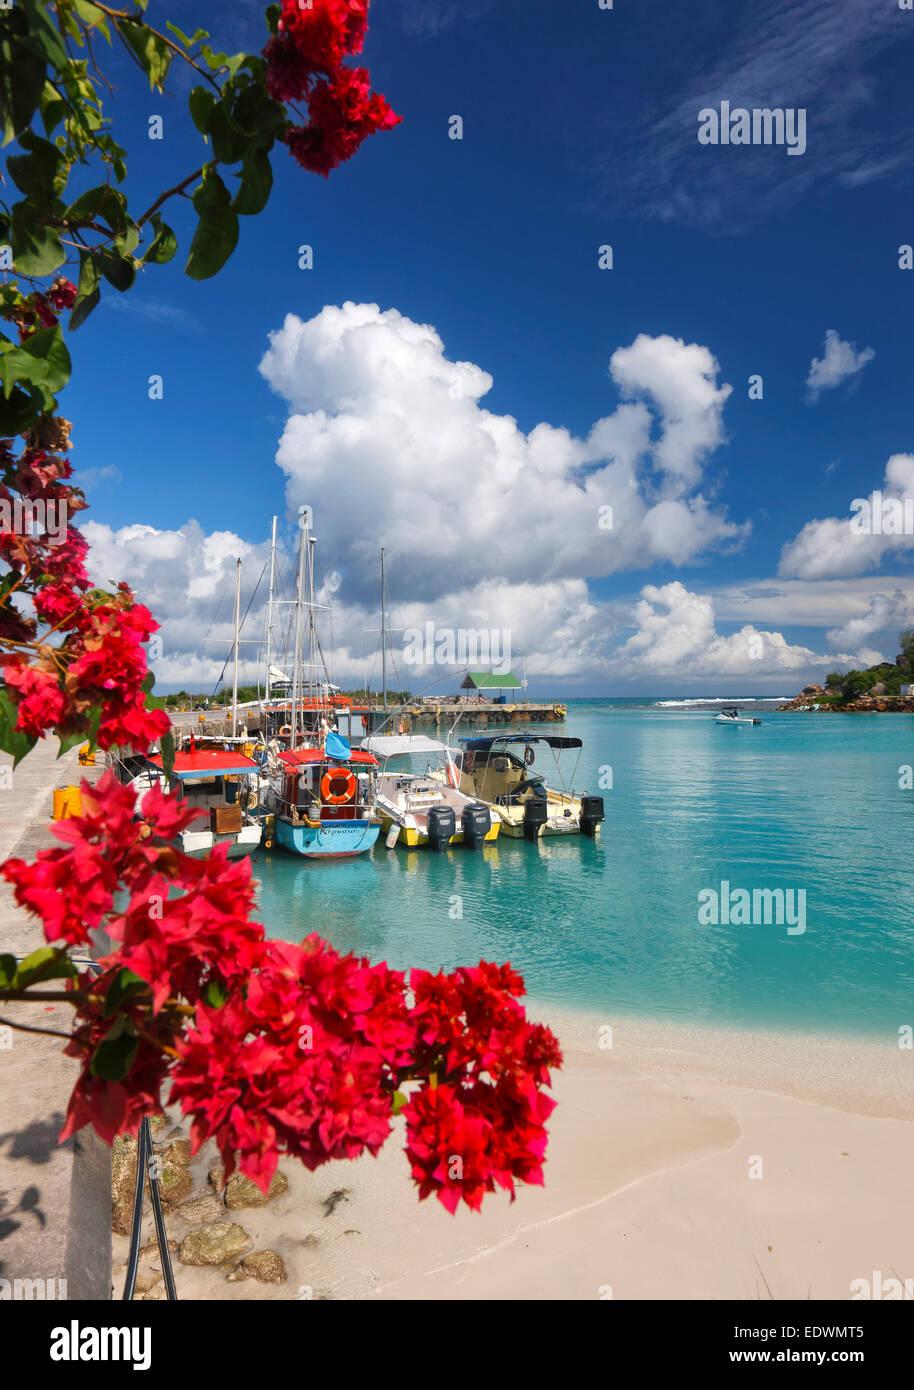 Seychellen, La Digue. Boote im Hafen. Stockbild